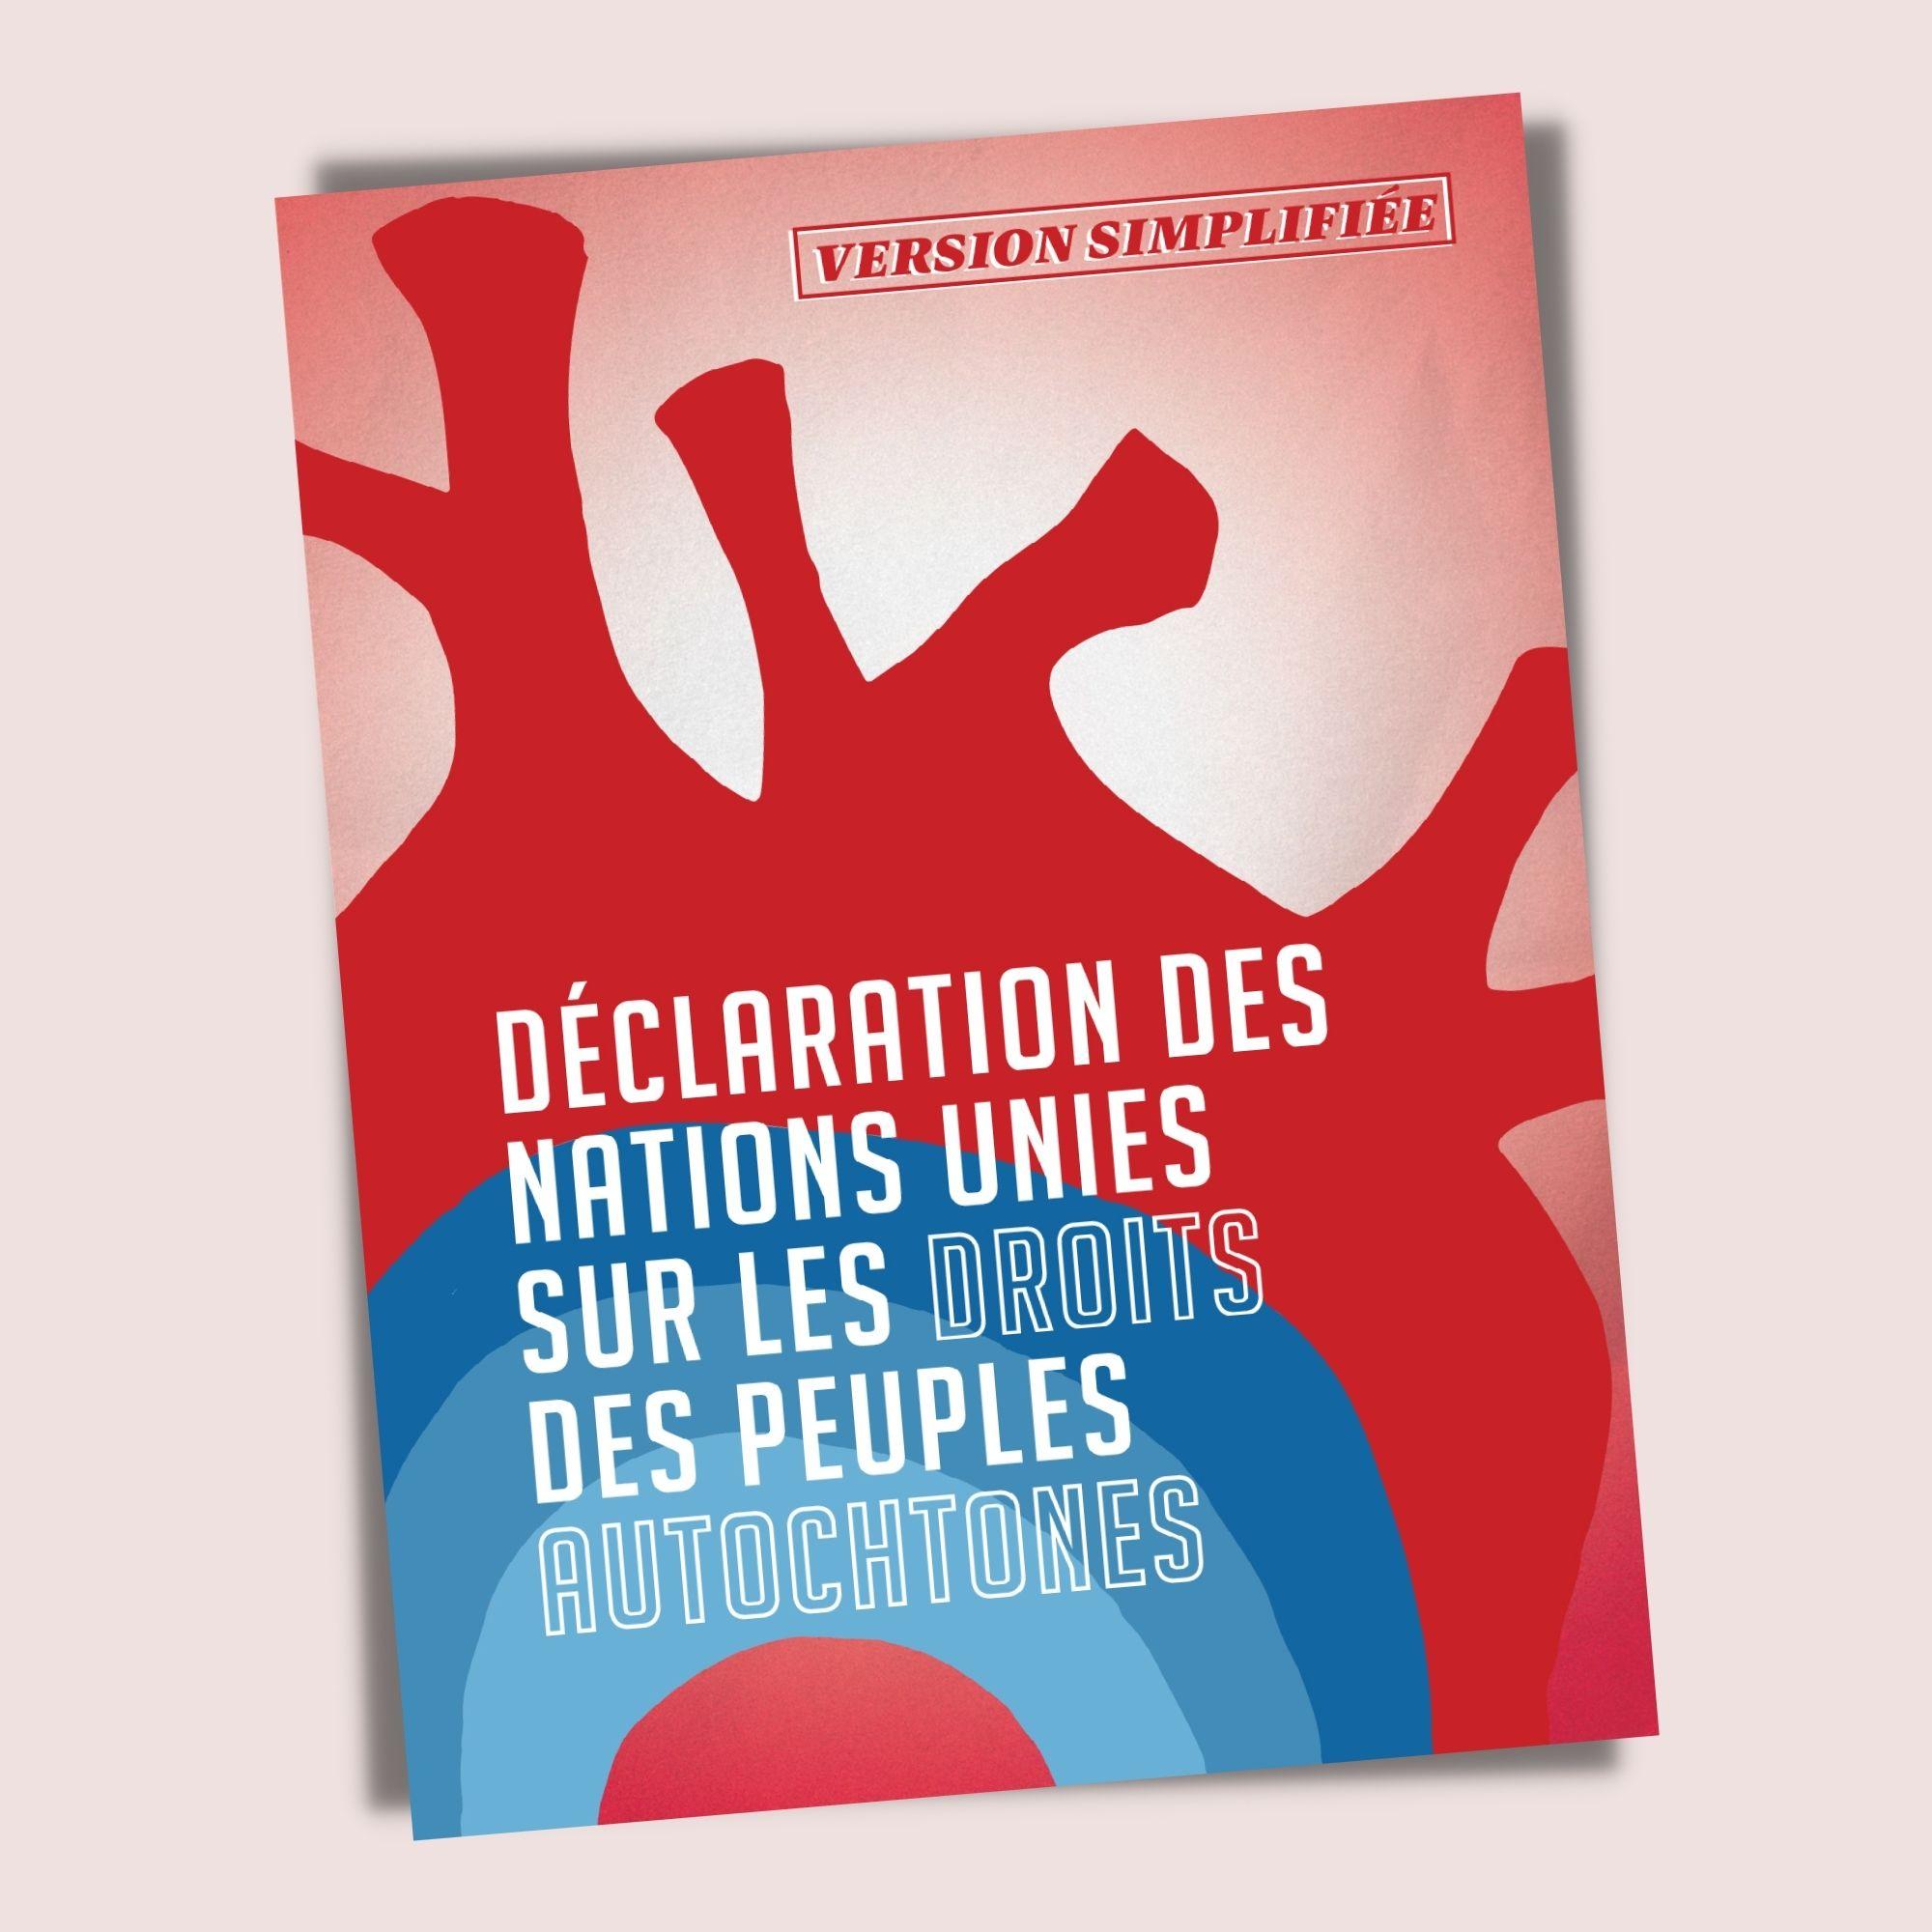 Déclaration des Nations Unies sur les droits des peuples autochtones - Version simplifiée